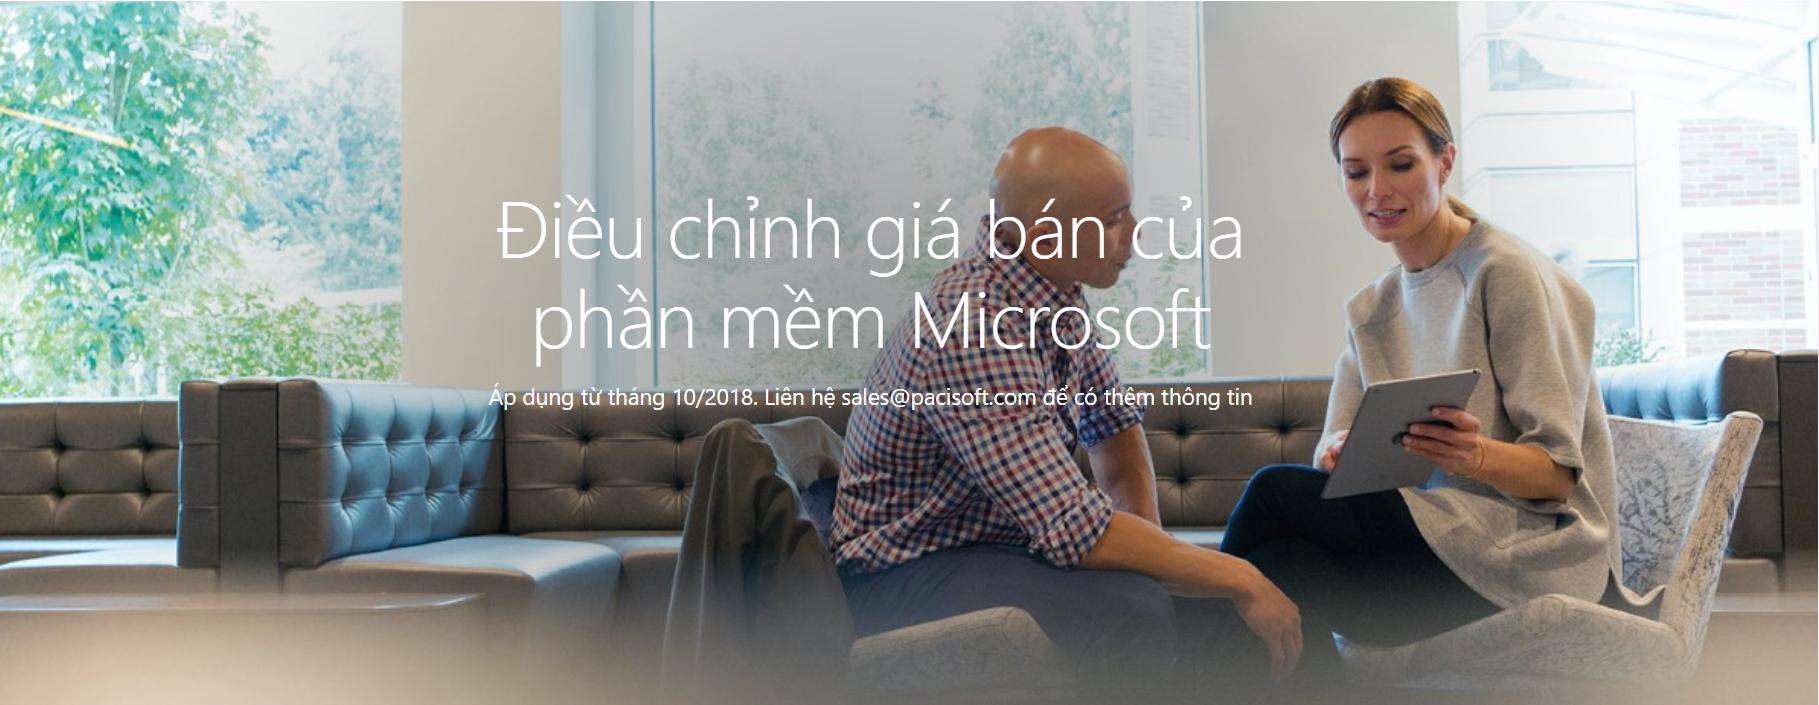 Tăng giá bán phần mềm Microsoft